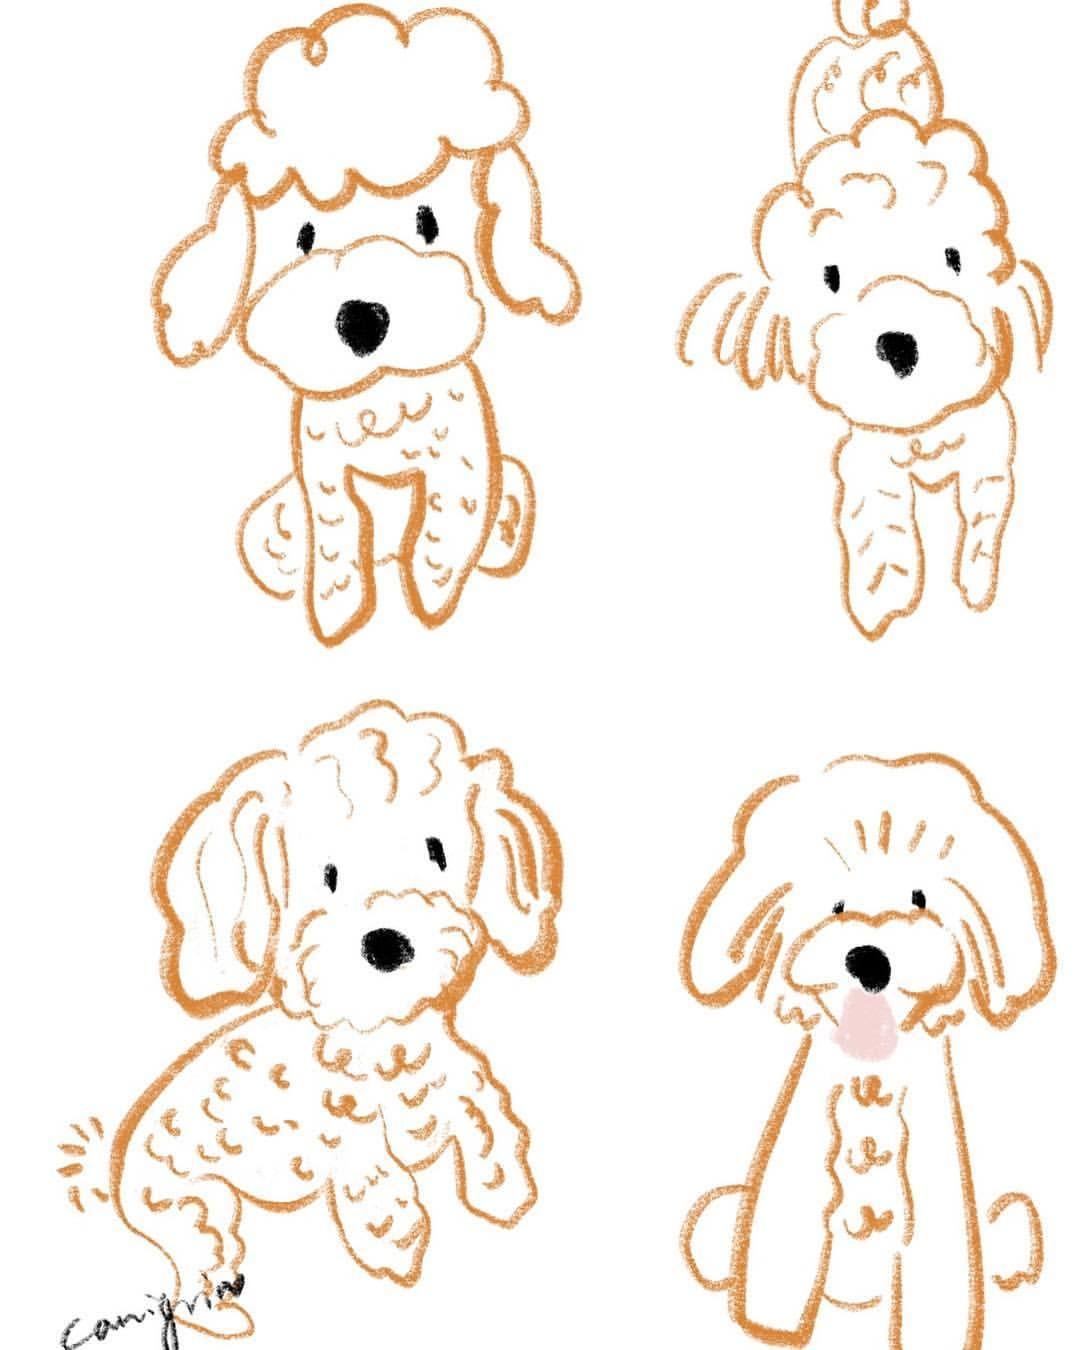 Toy Poodle Dog Illustration By Canigrin Poodle Drawing Poodle Dog Illustration